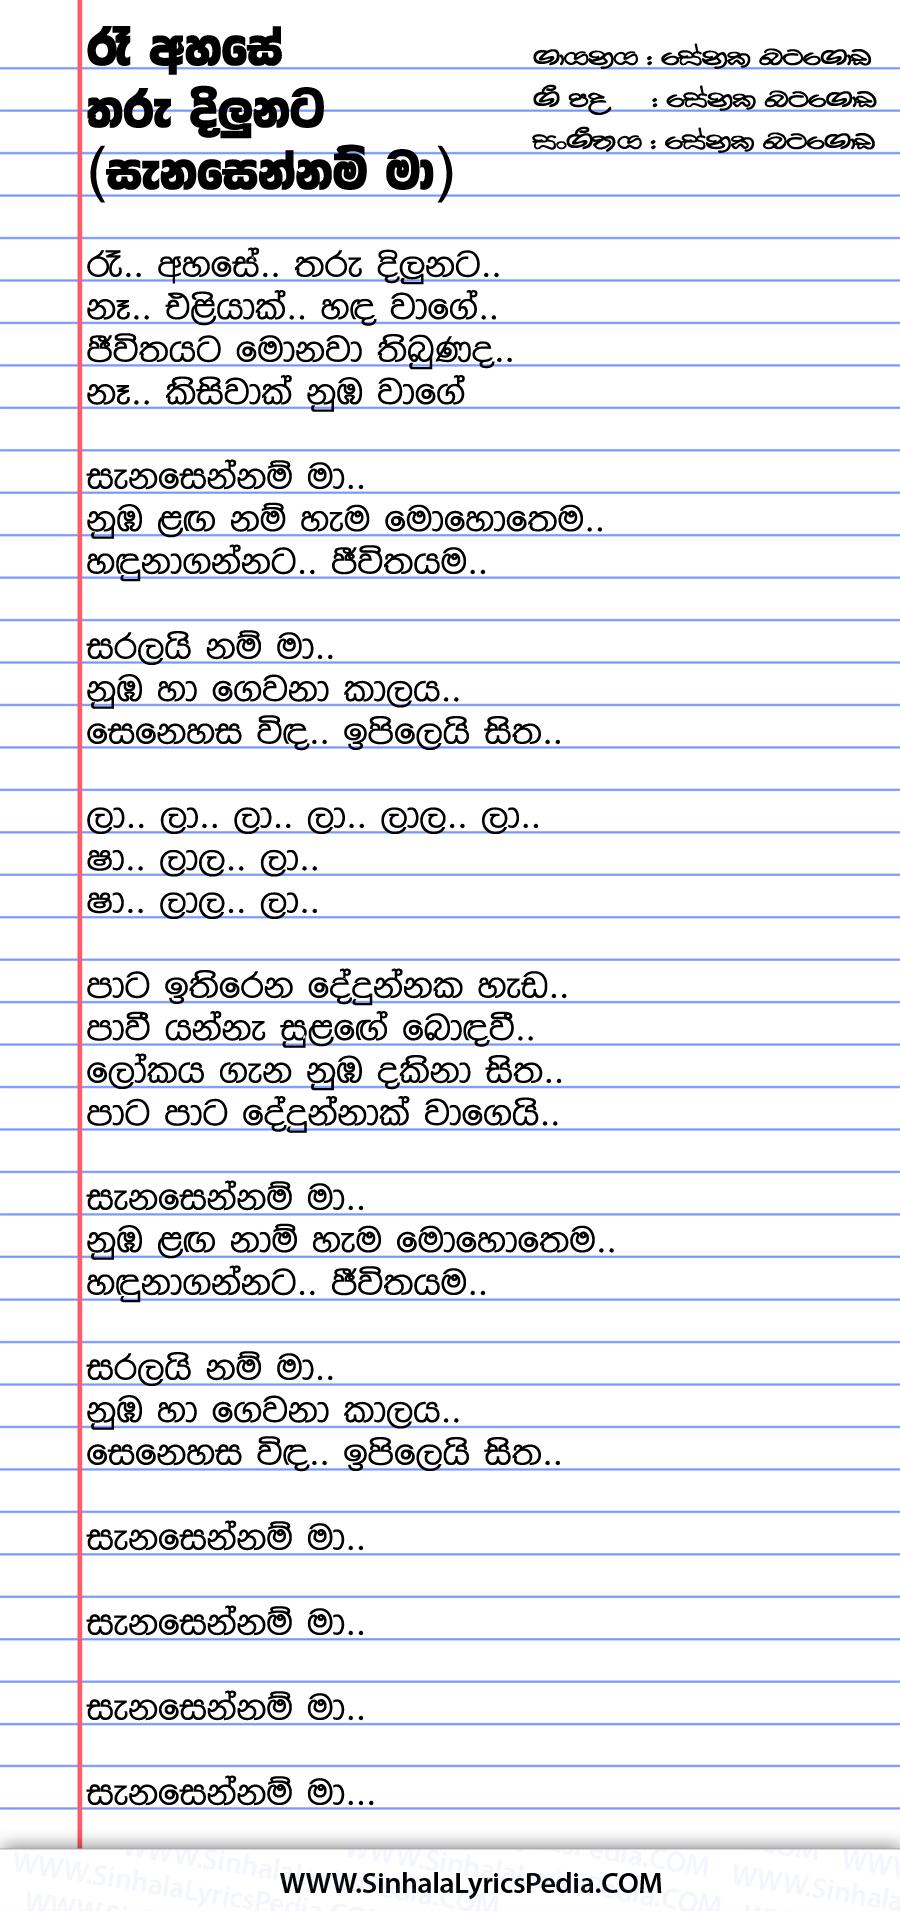 Re Ahase Tharu Thibunata (Sanasennam Ma) Song Lyrics